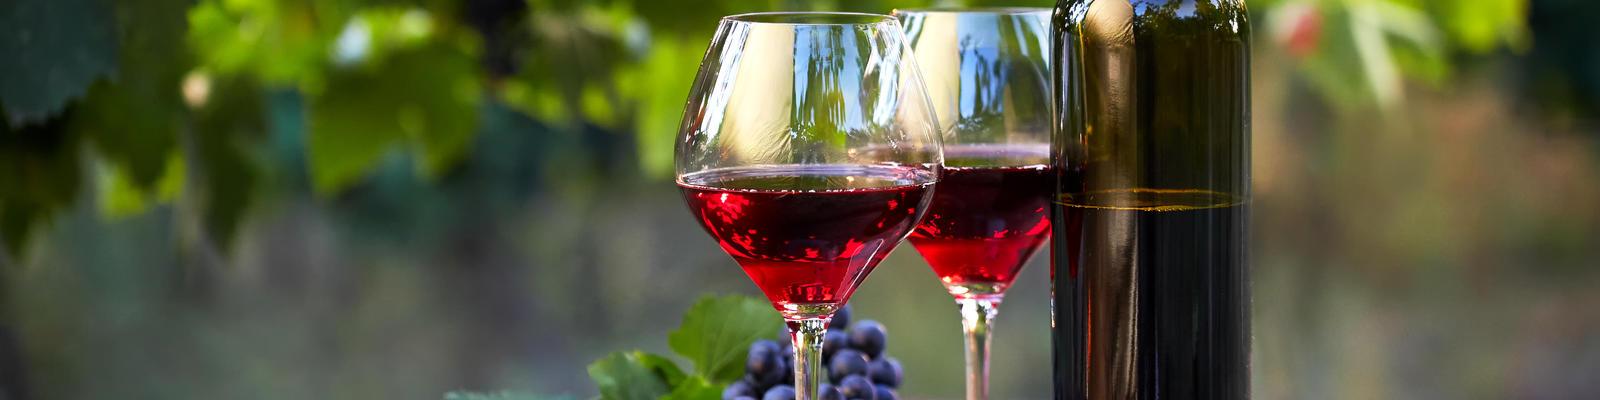 Wine Tasting (Photo: Rostislav_Sedlacek/Shutterstock)